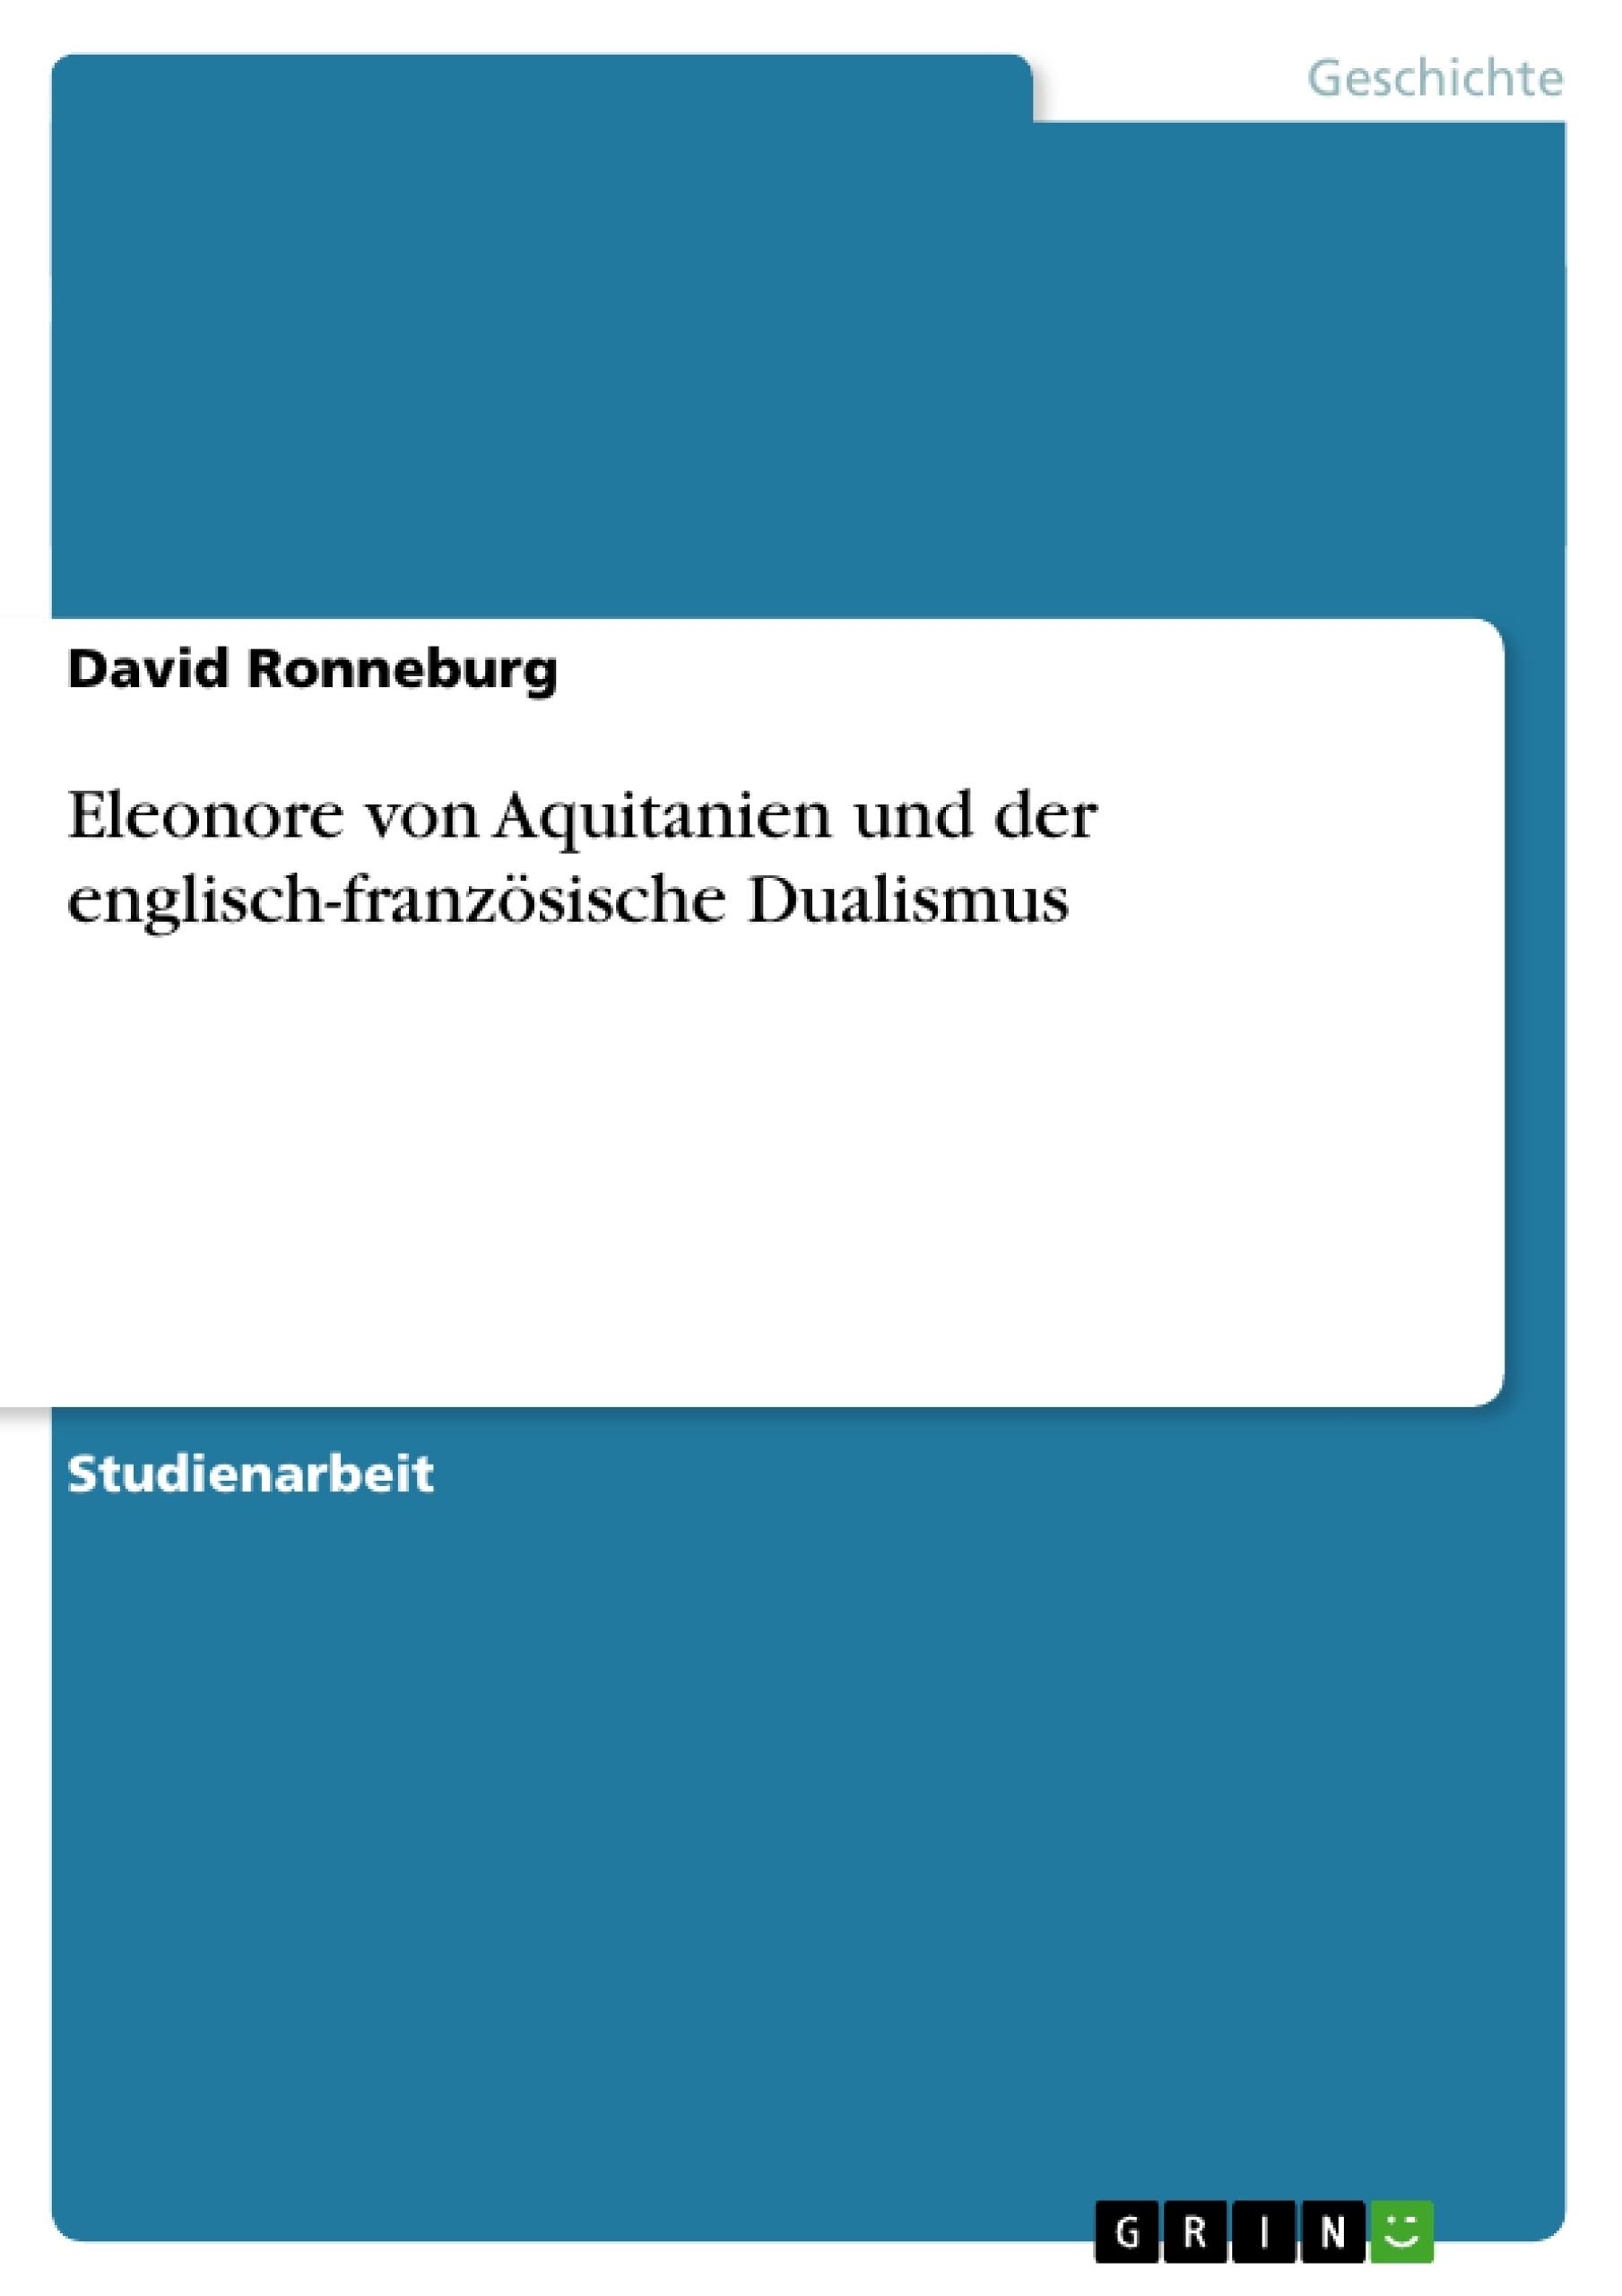 Titel: Eleonore von Aquitanien und der englisch-französische Dualismus